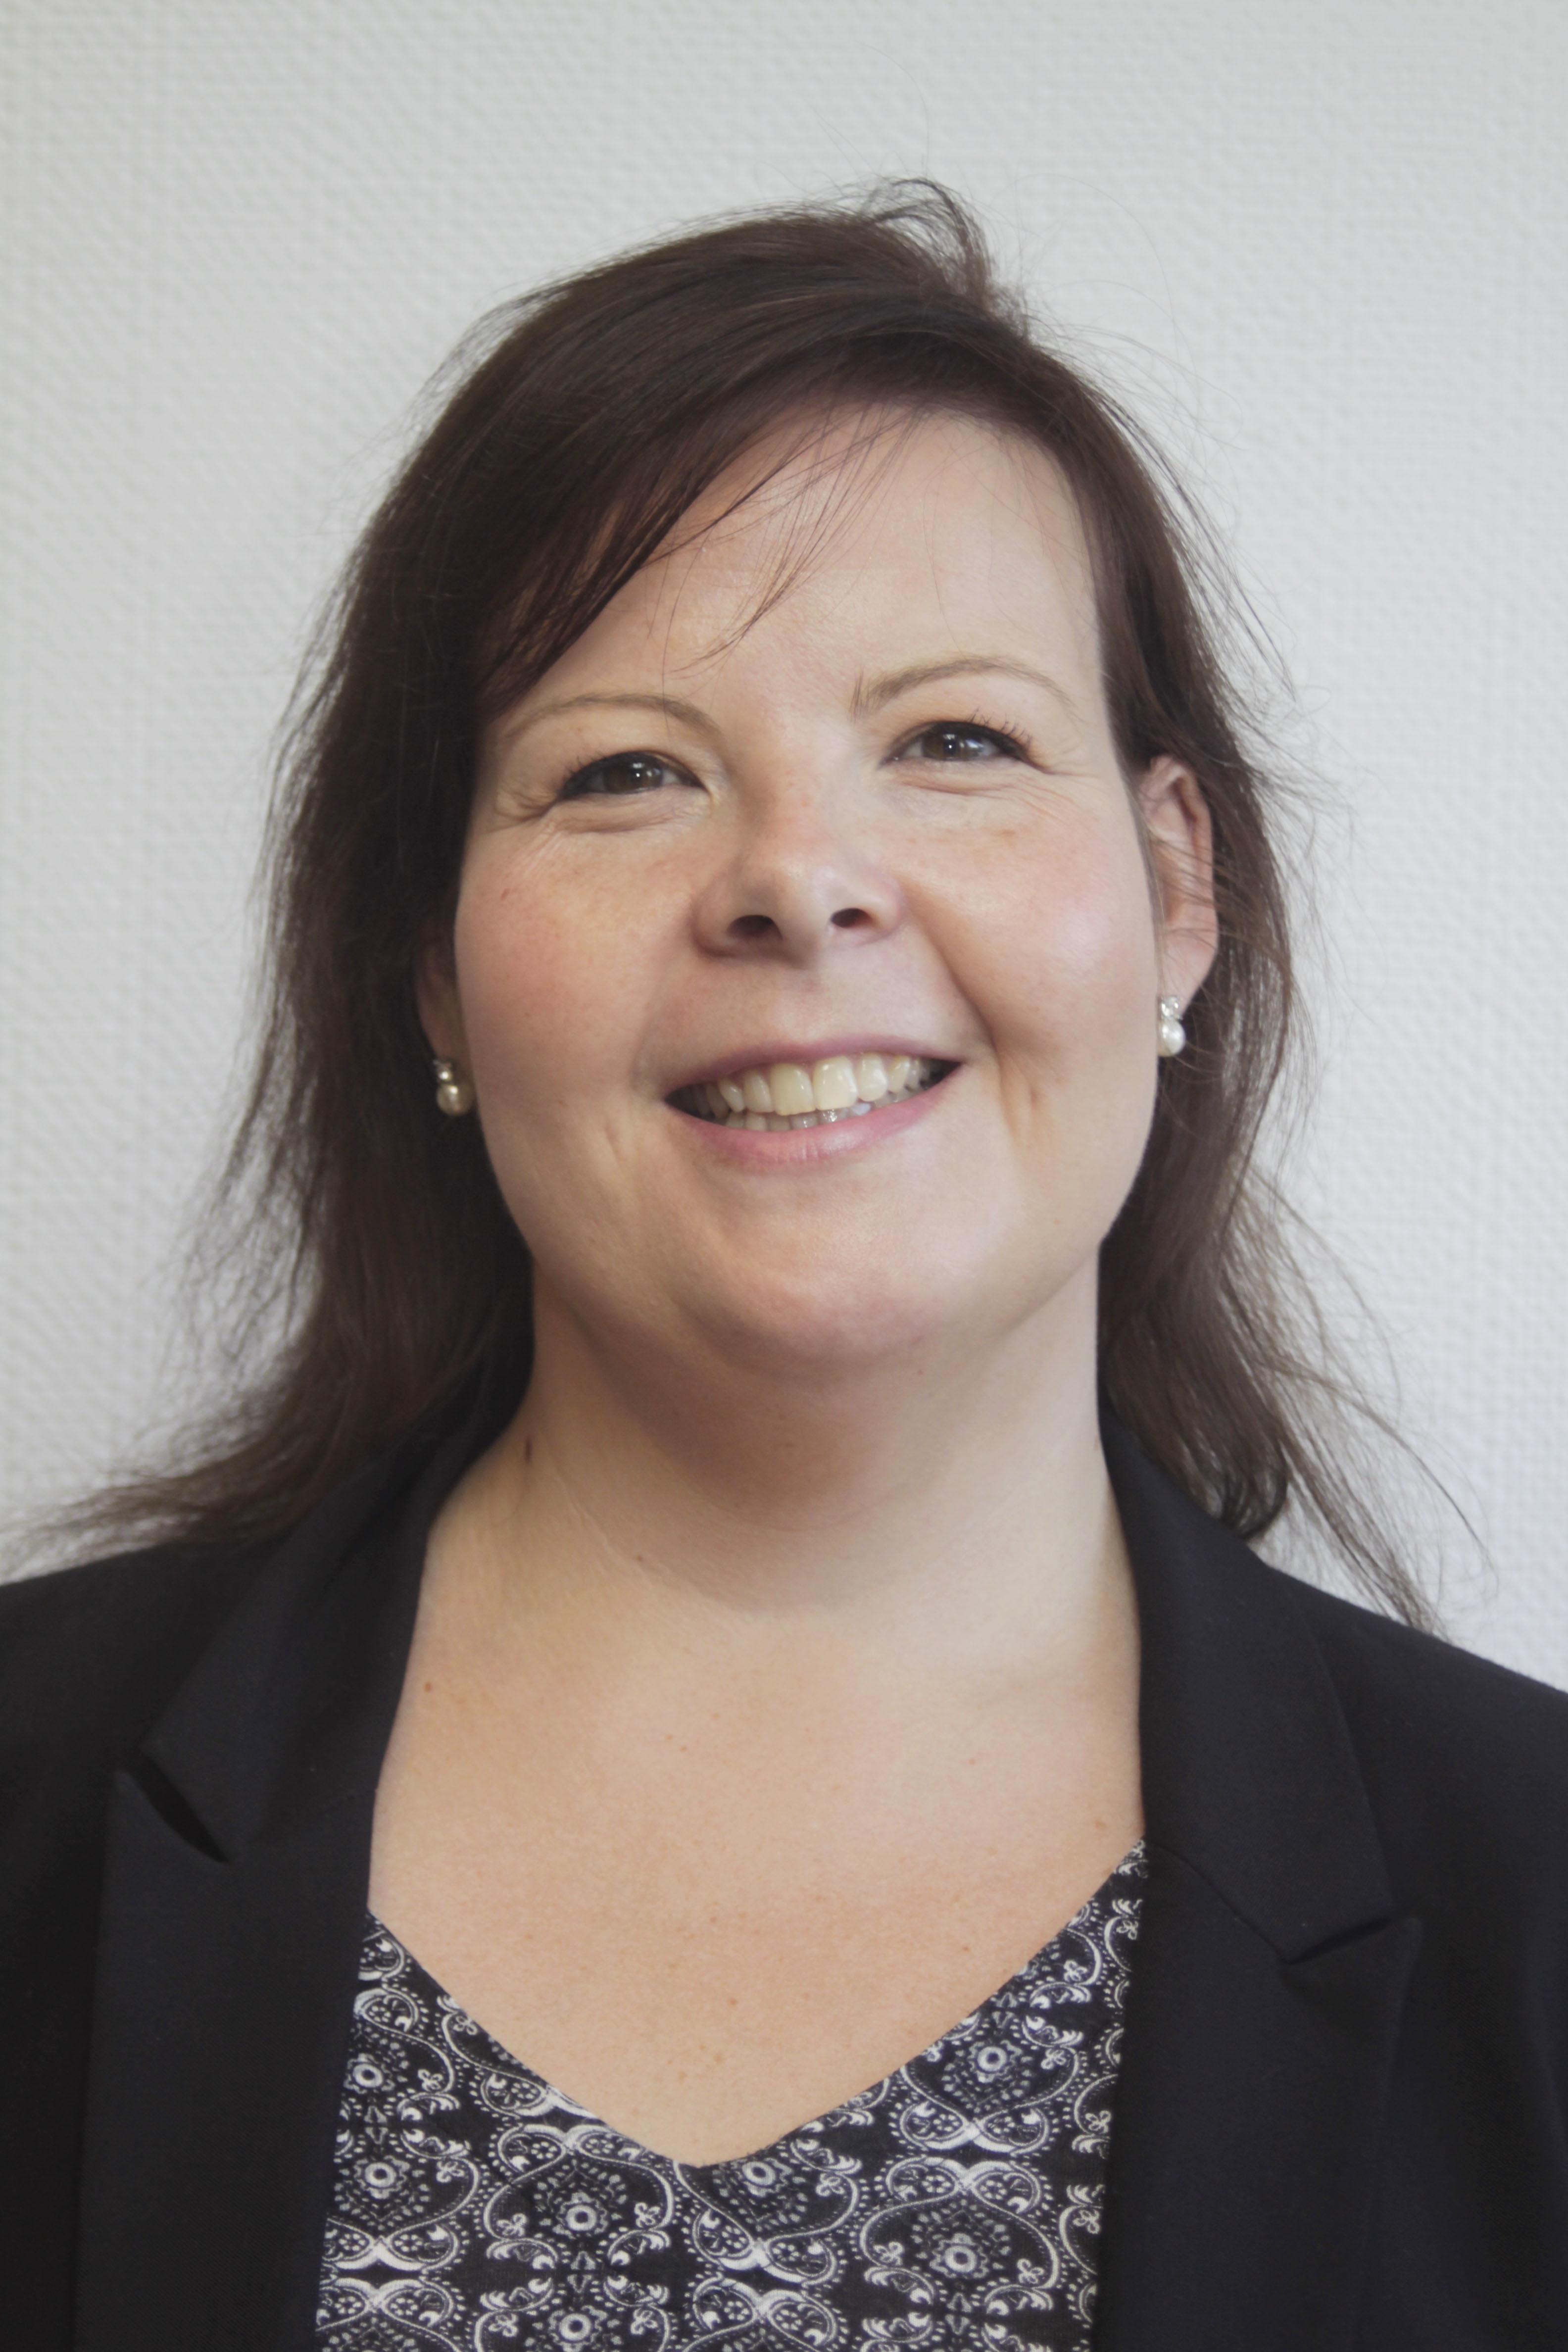 Pia Bruun Løfshus